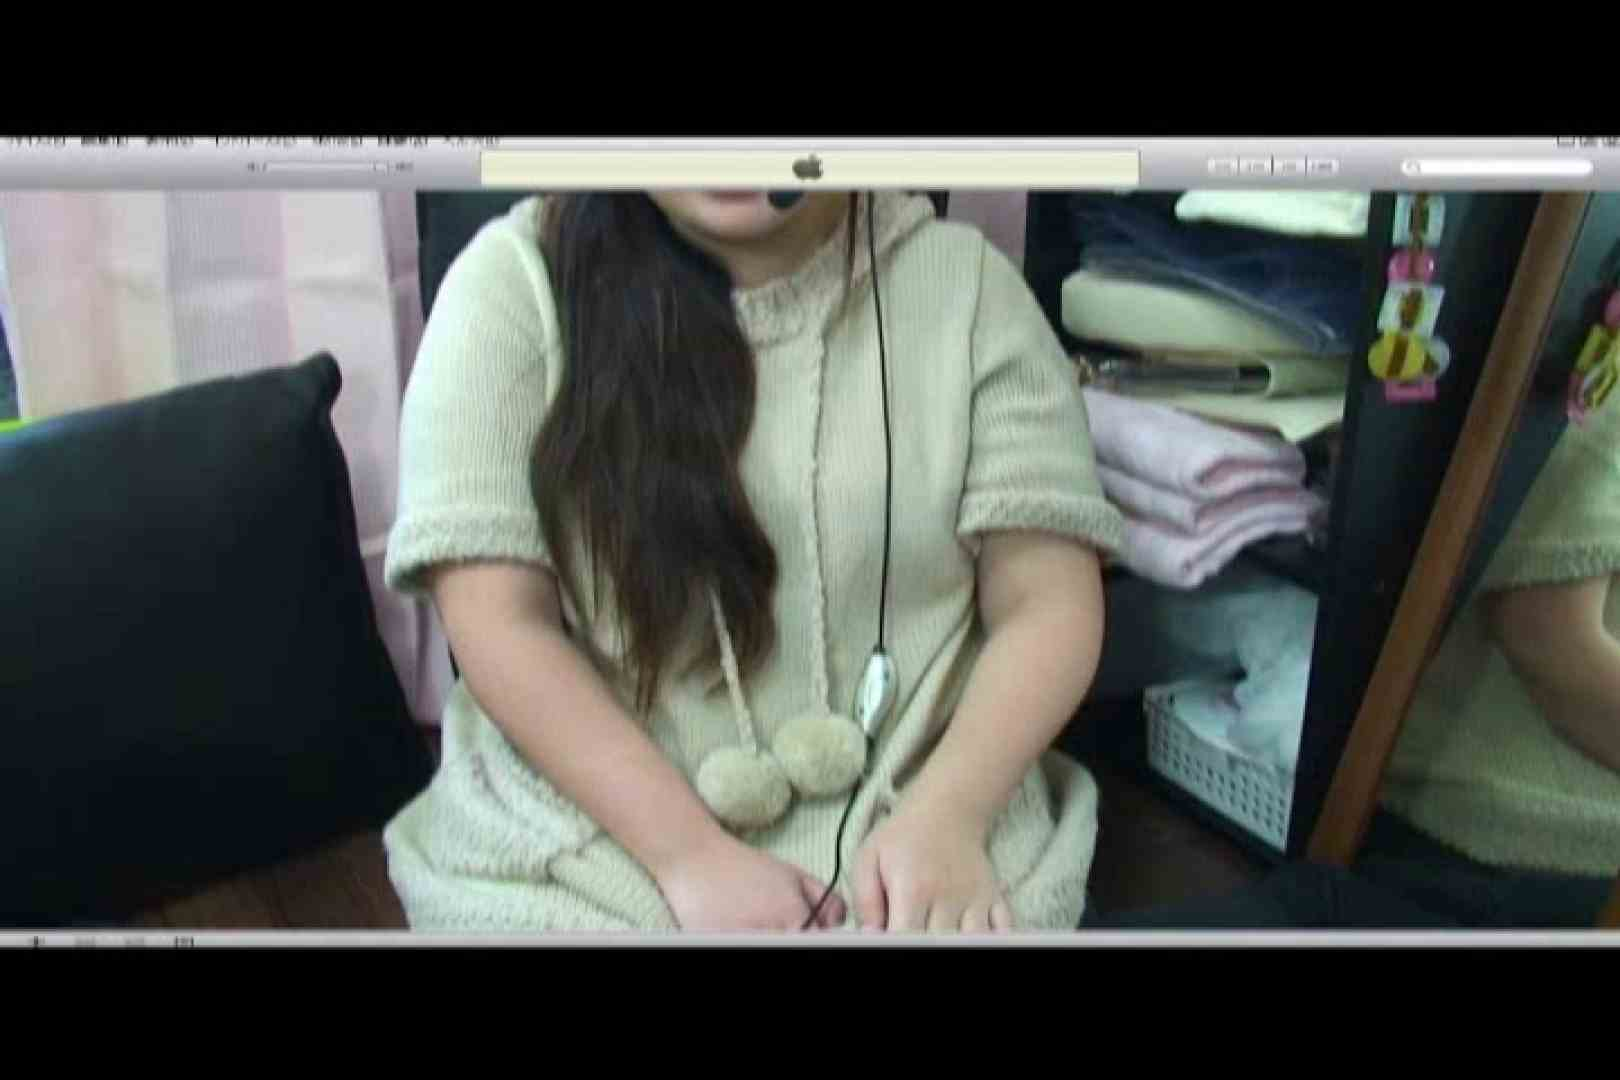 堅実でケチな女性程盗撮される。vol.03 清純女性の悲劇 マンコ特別編 SEX無修正画像 105枚 32